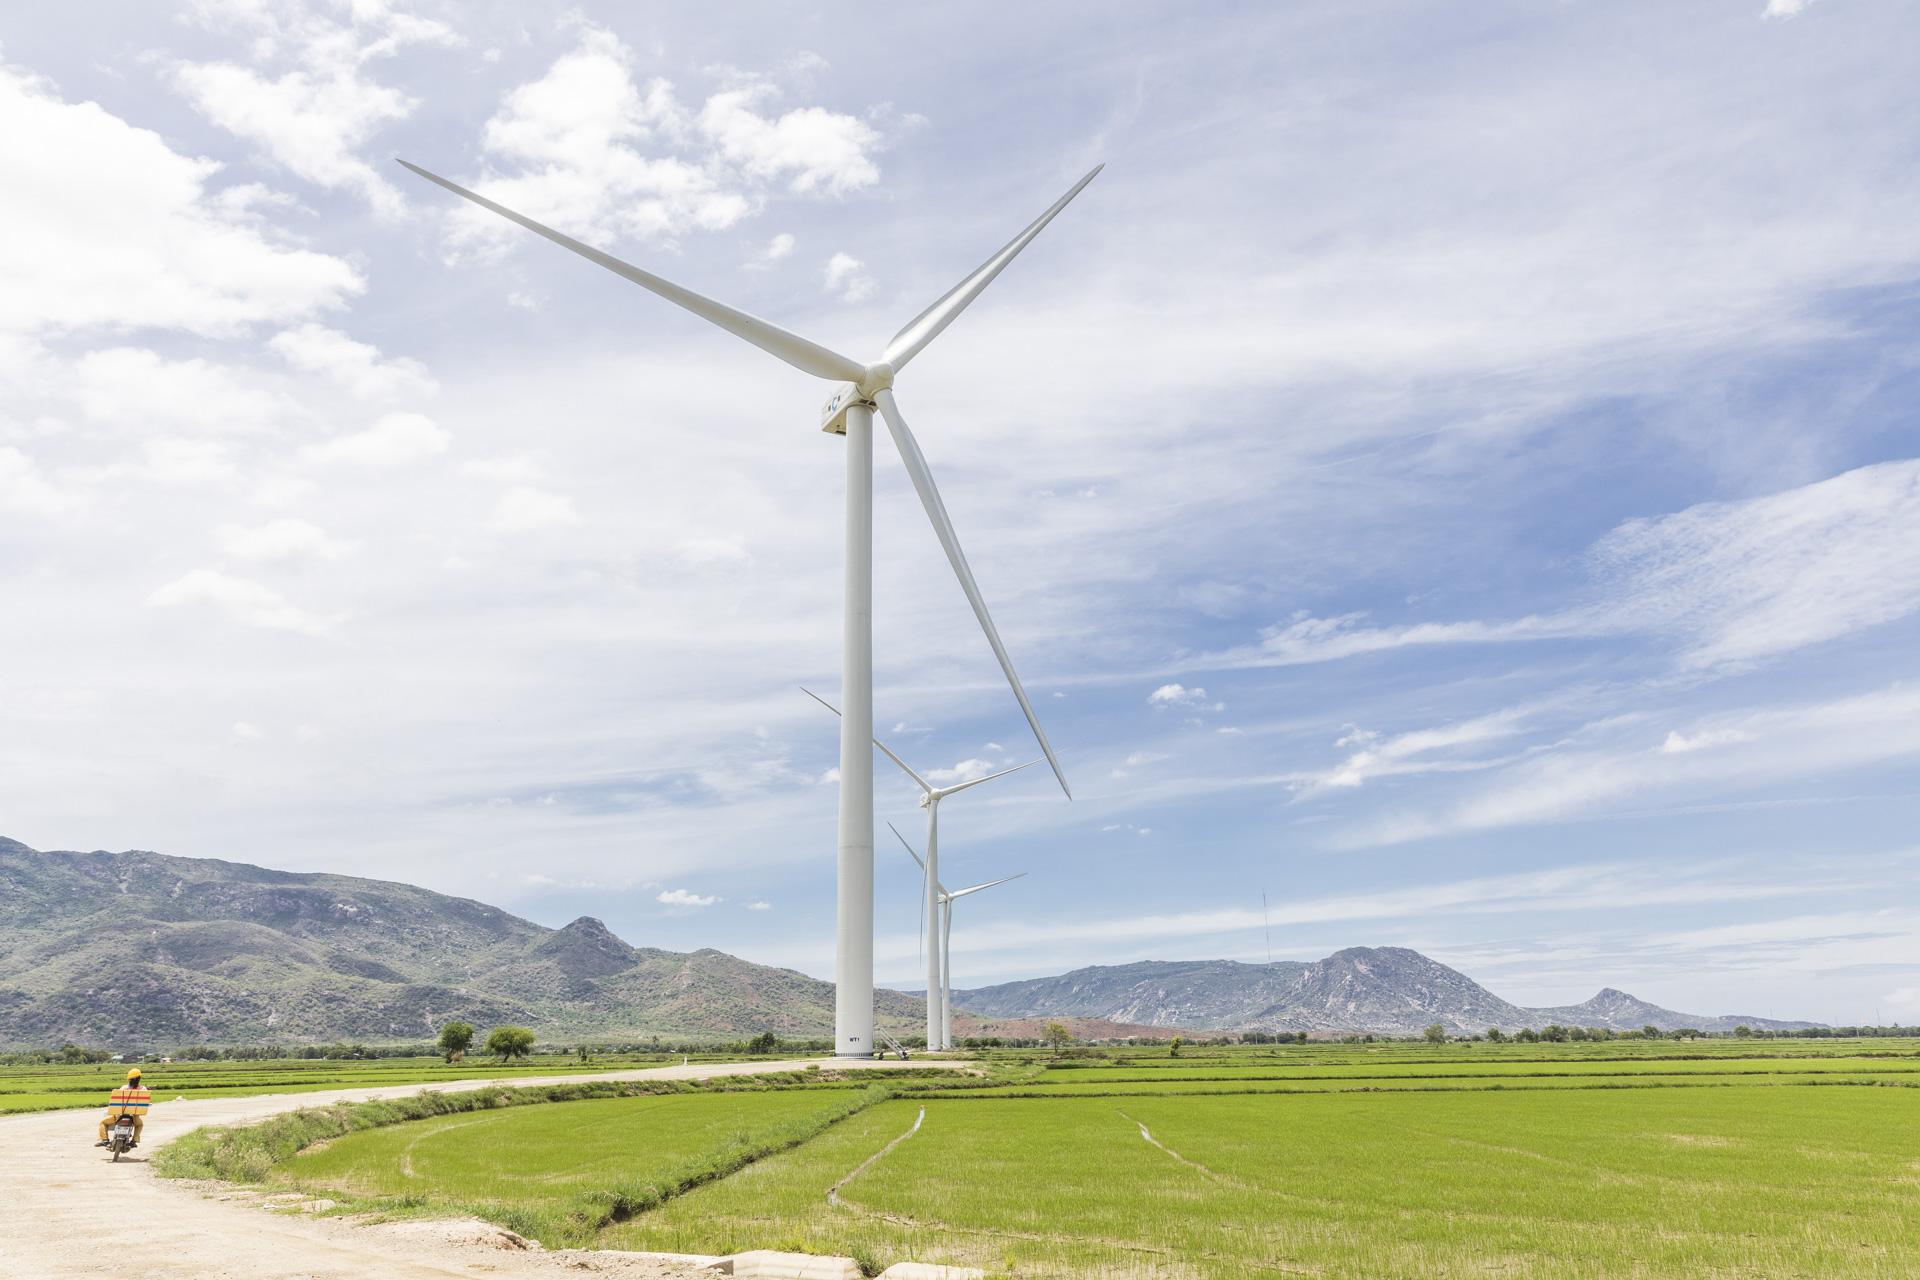 Cơ hội cho các dự án điện gió